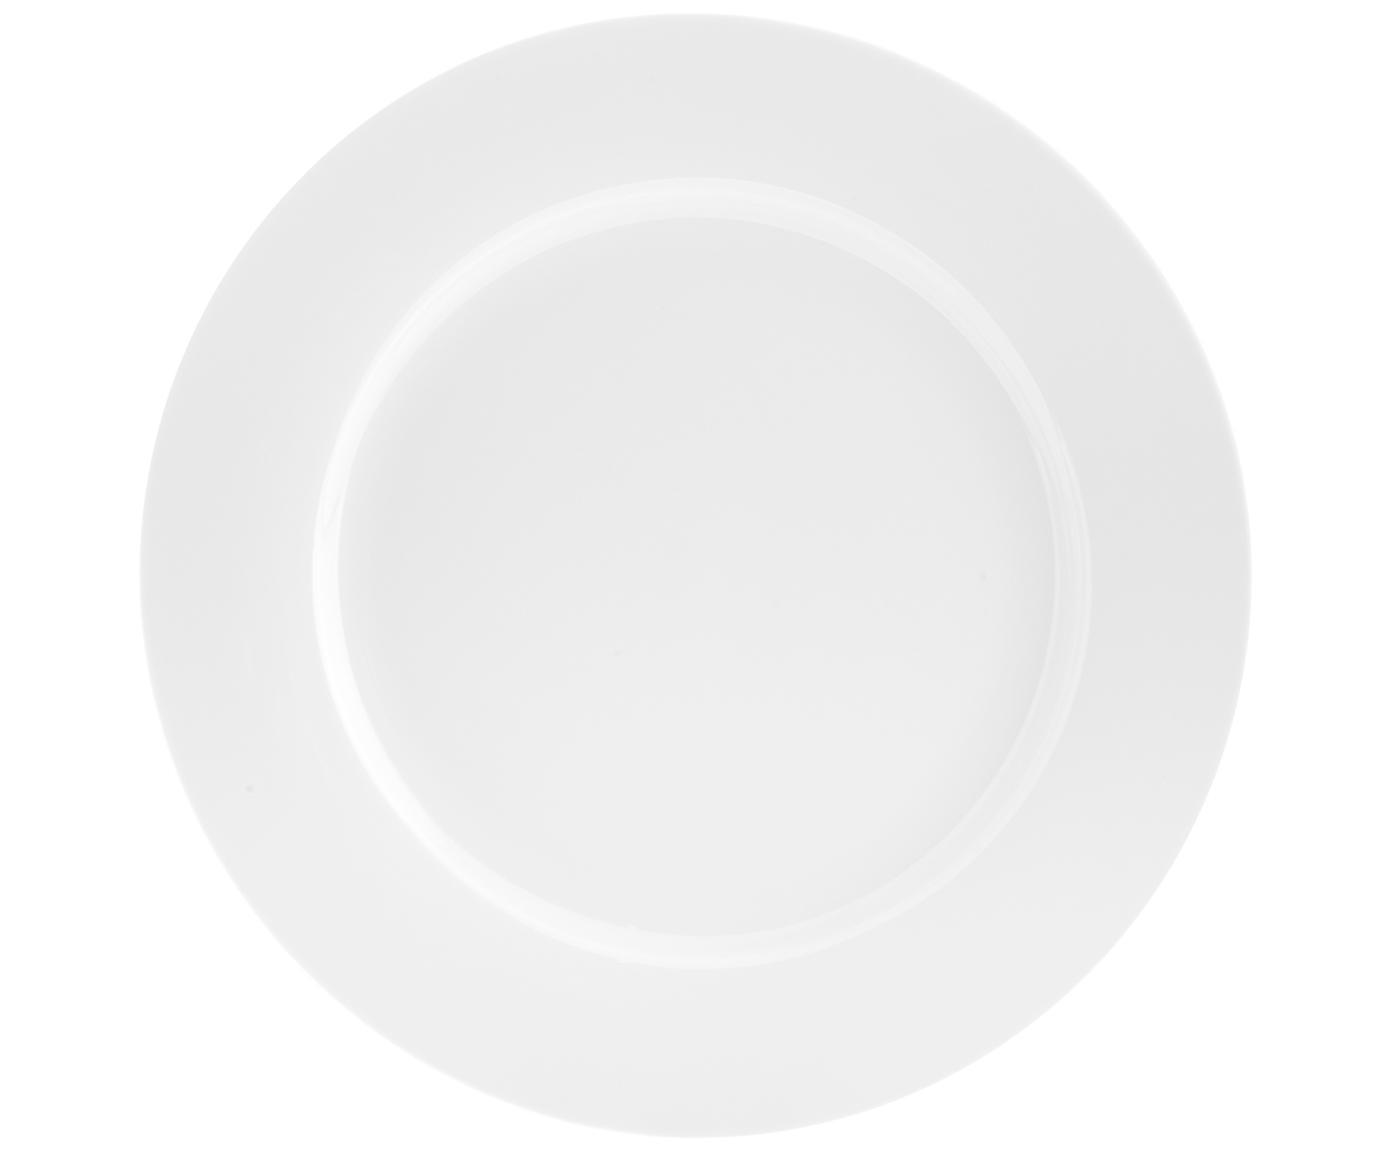 Porzellan-Speiseteller Delight Classic in Weiß, 2 Stück, Porzellan, Weiß, Ø 27 cm